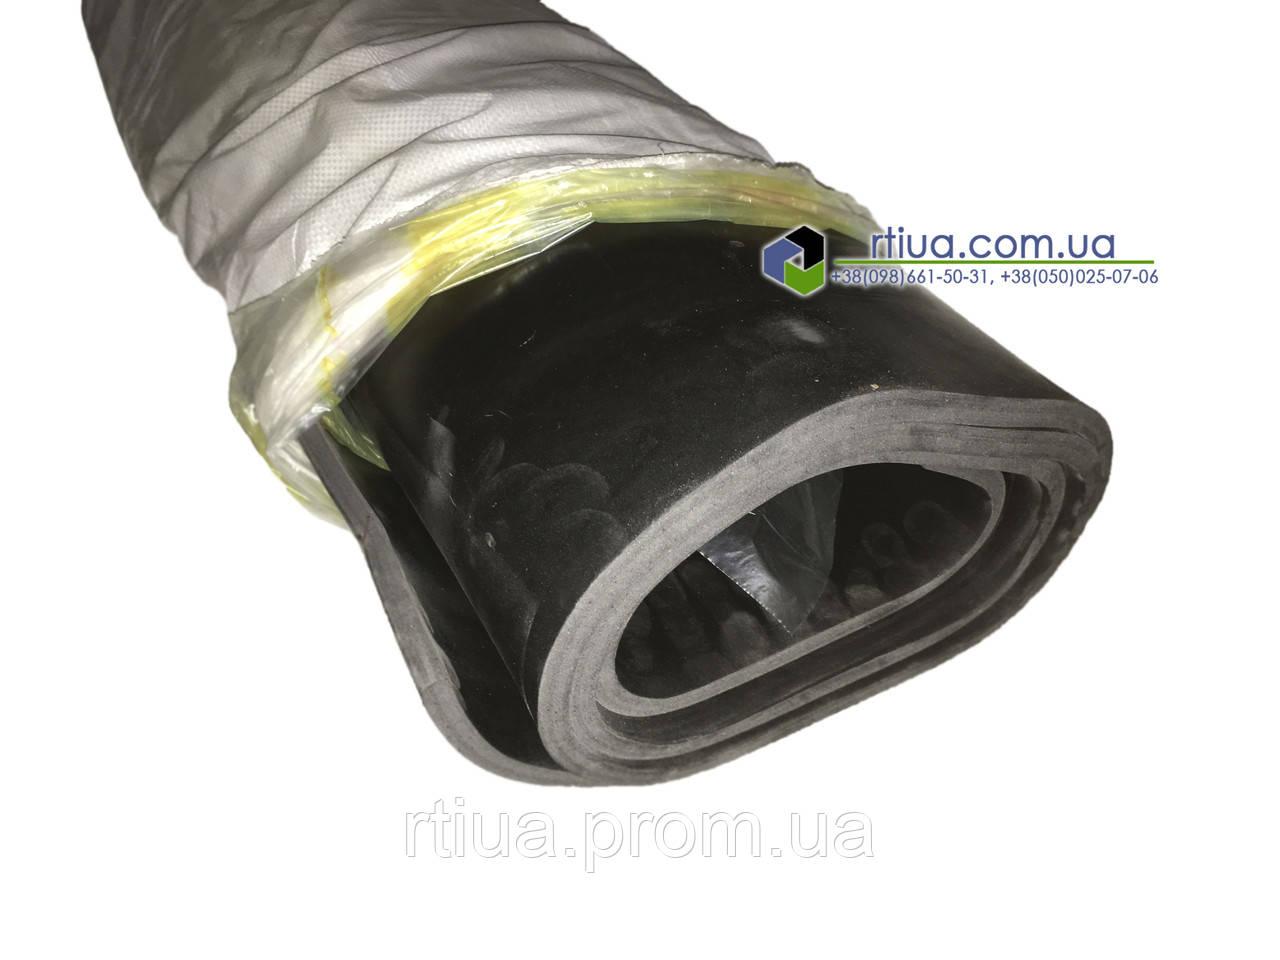 Пластина резиновая 5 мм МБС